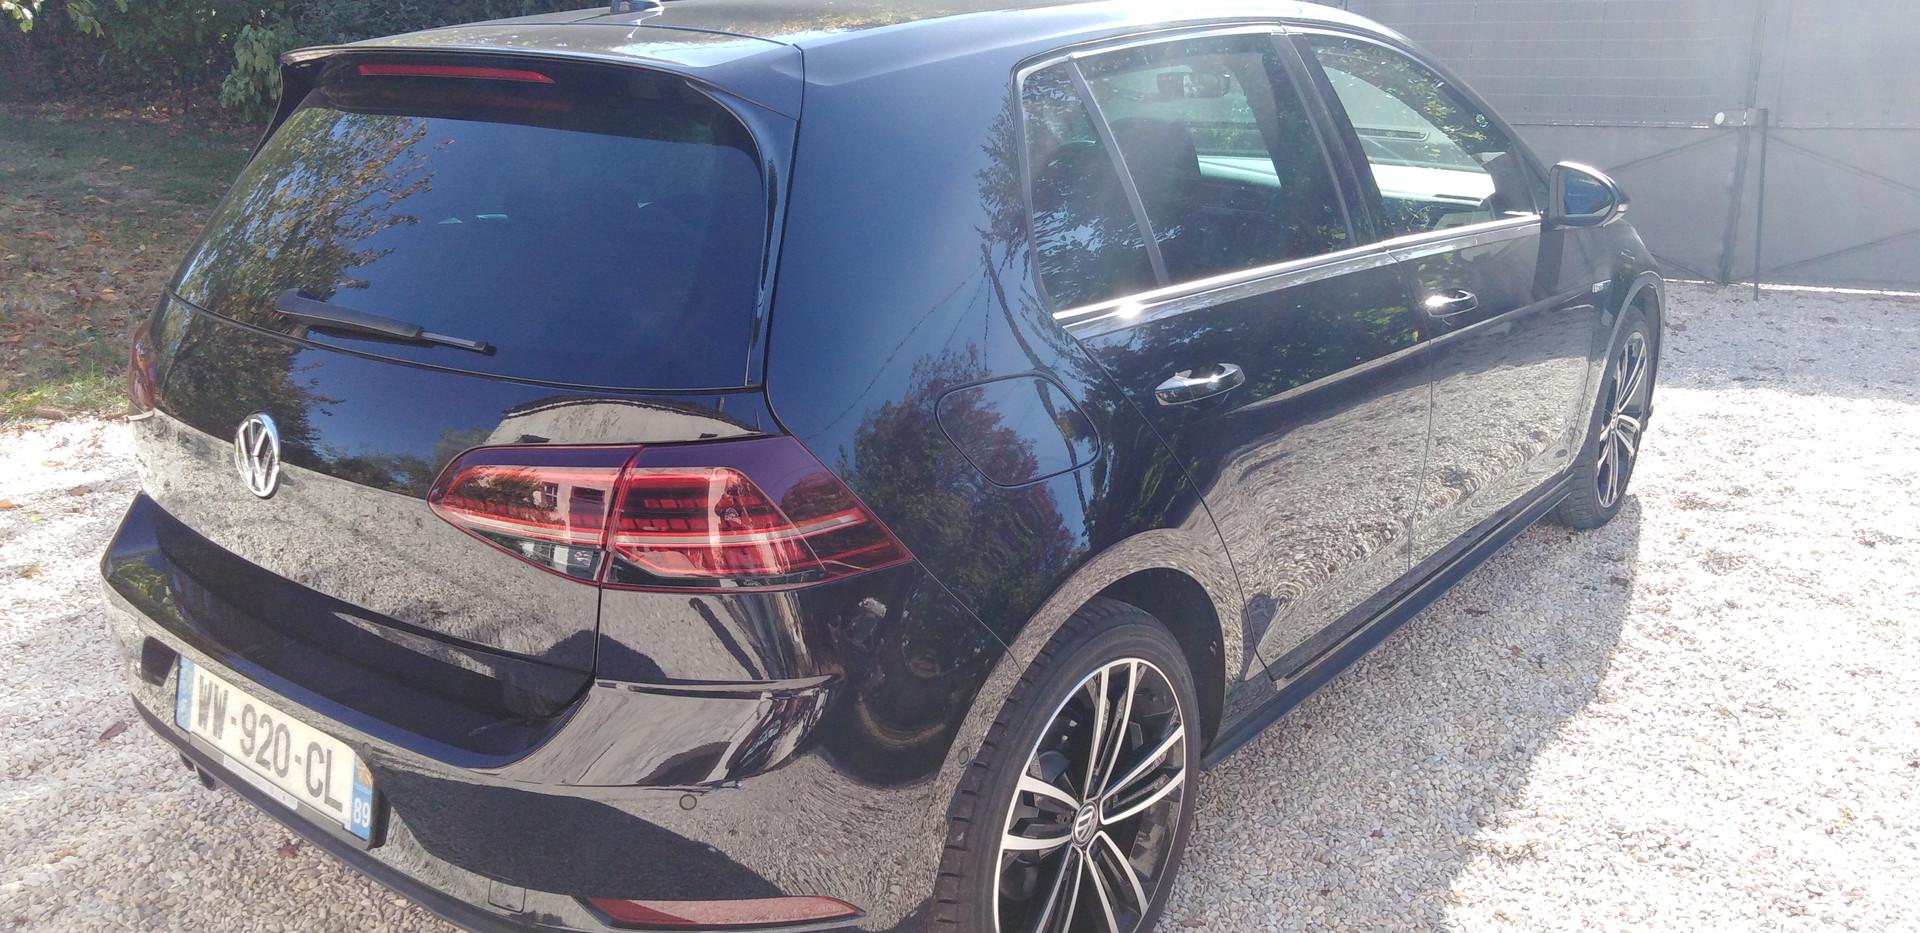 VW GOLF VII GTE Hybride ARD